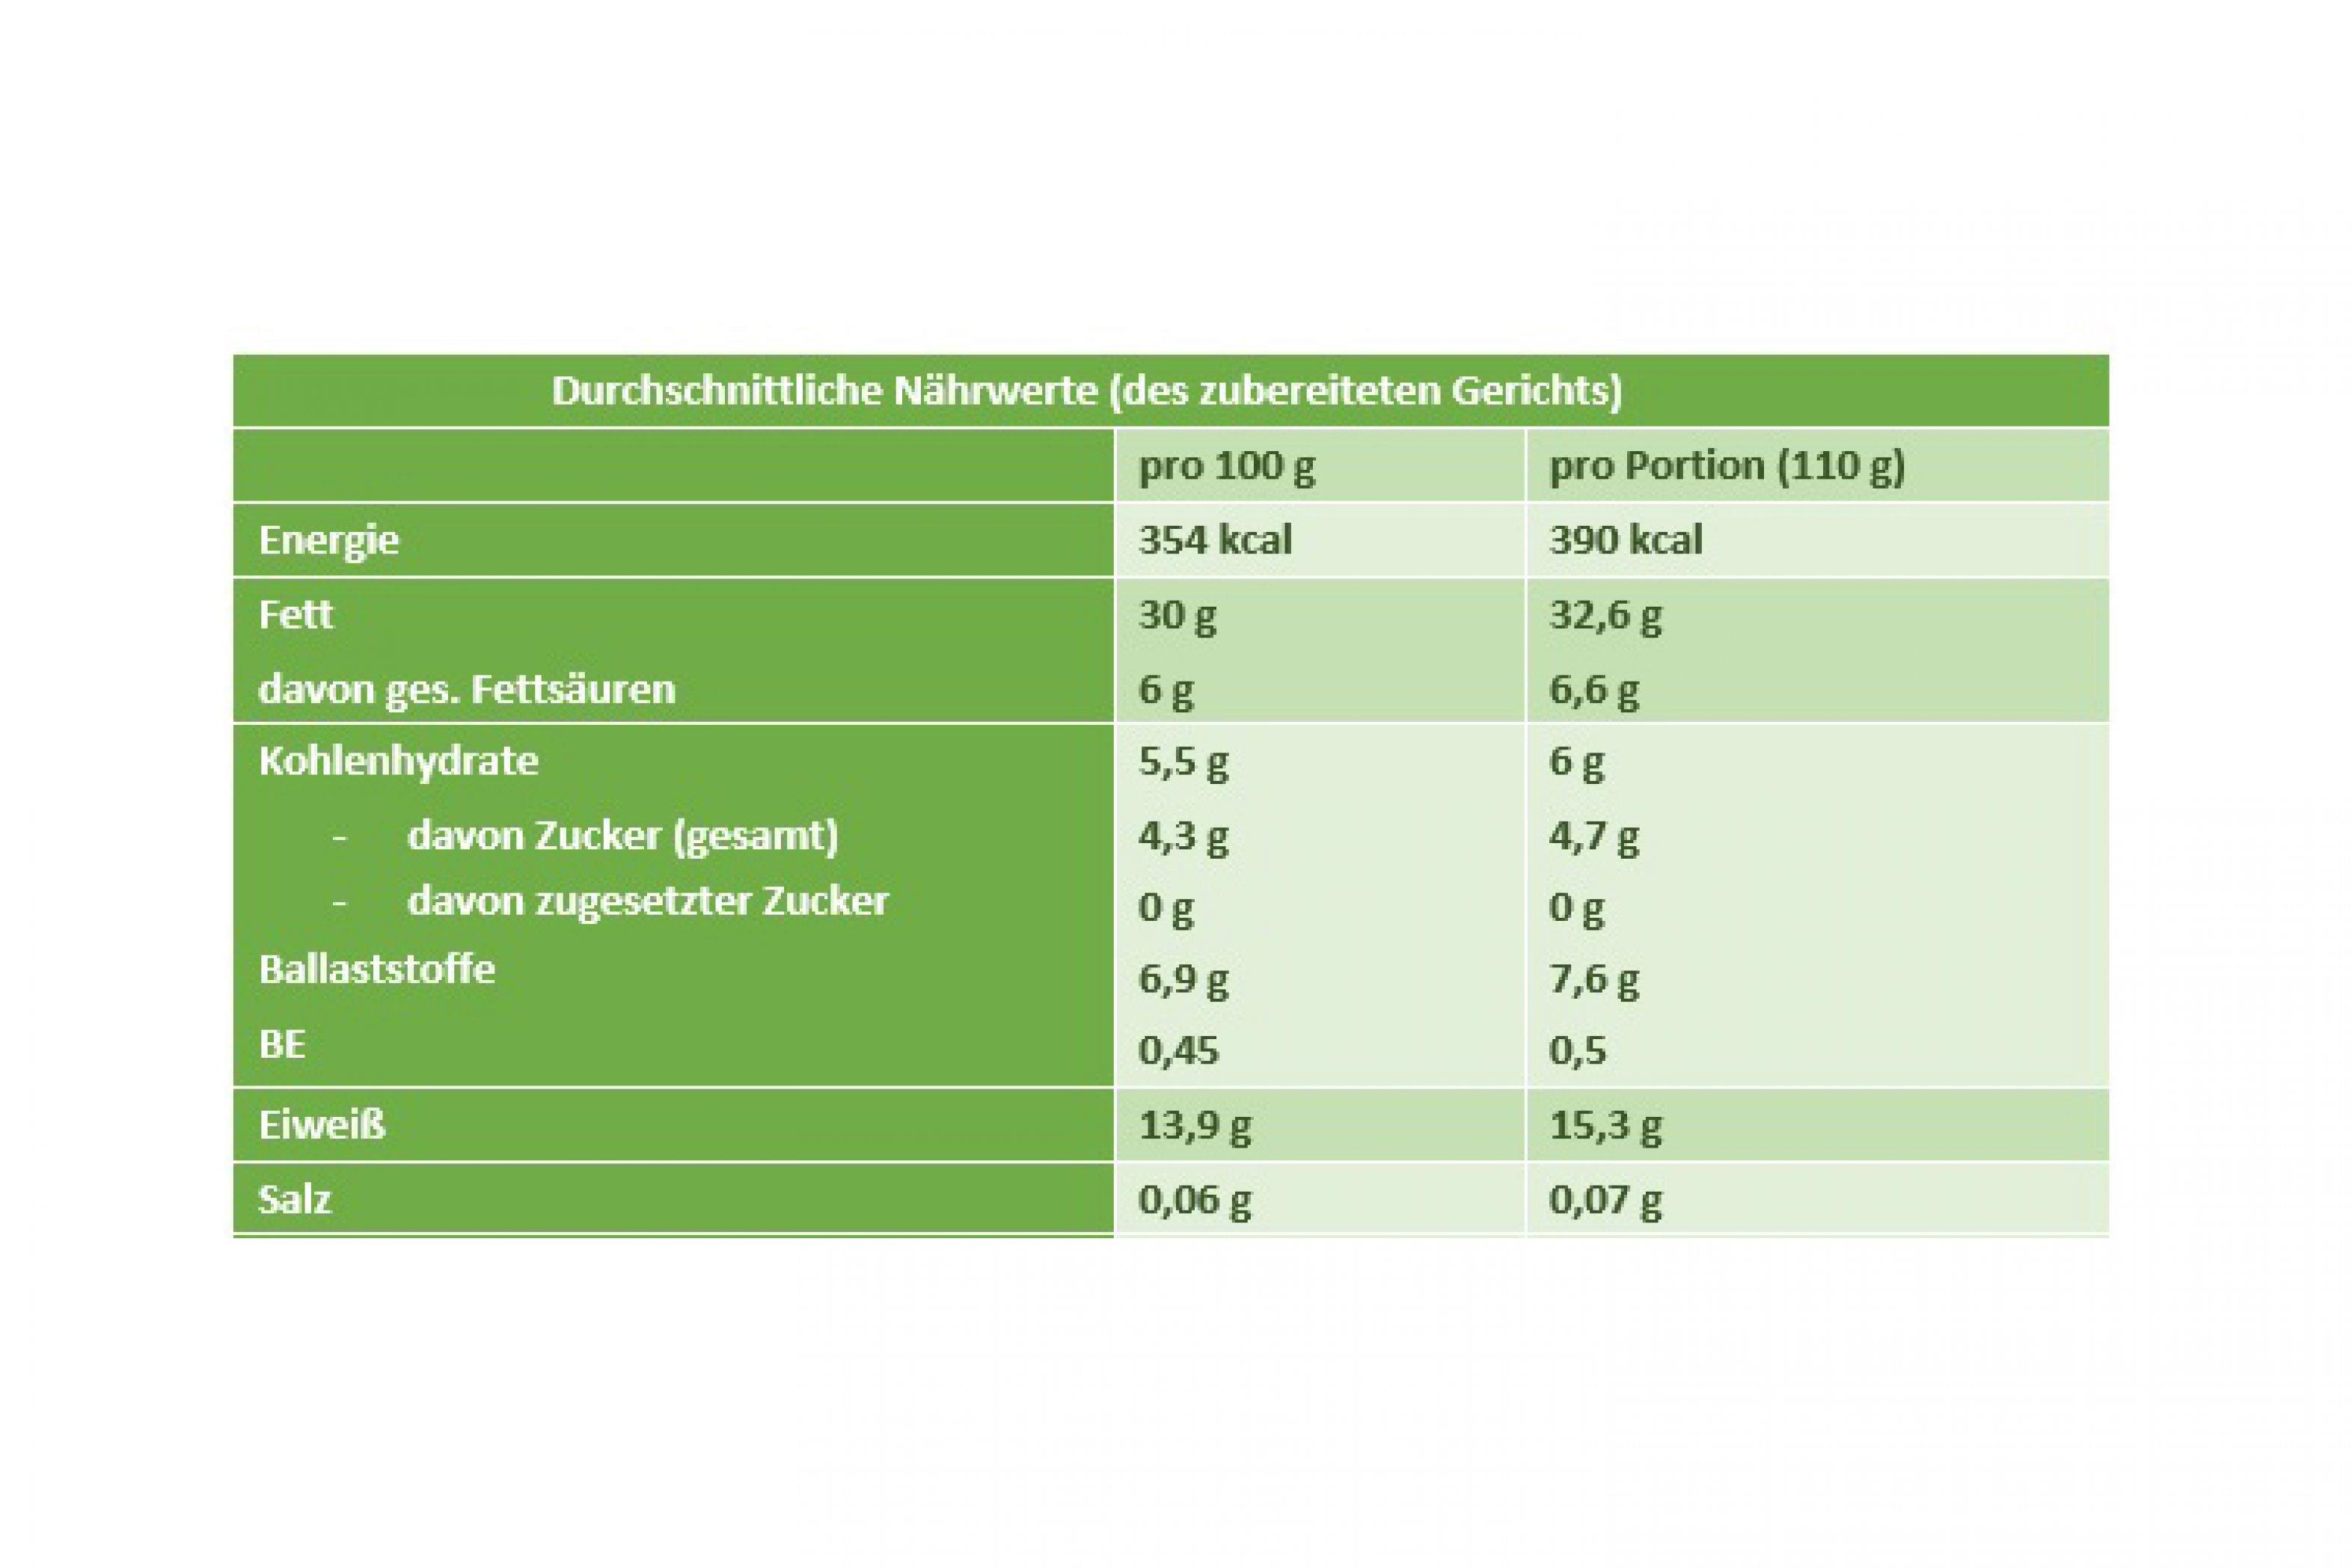 Nährwerttabelle Mandelwaffeln Weißraum